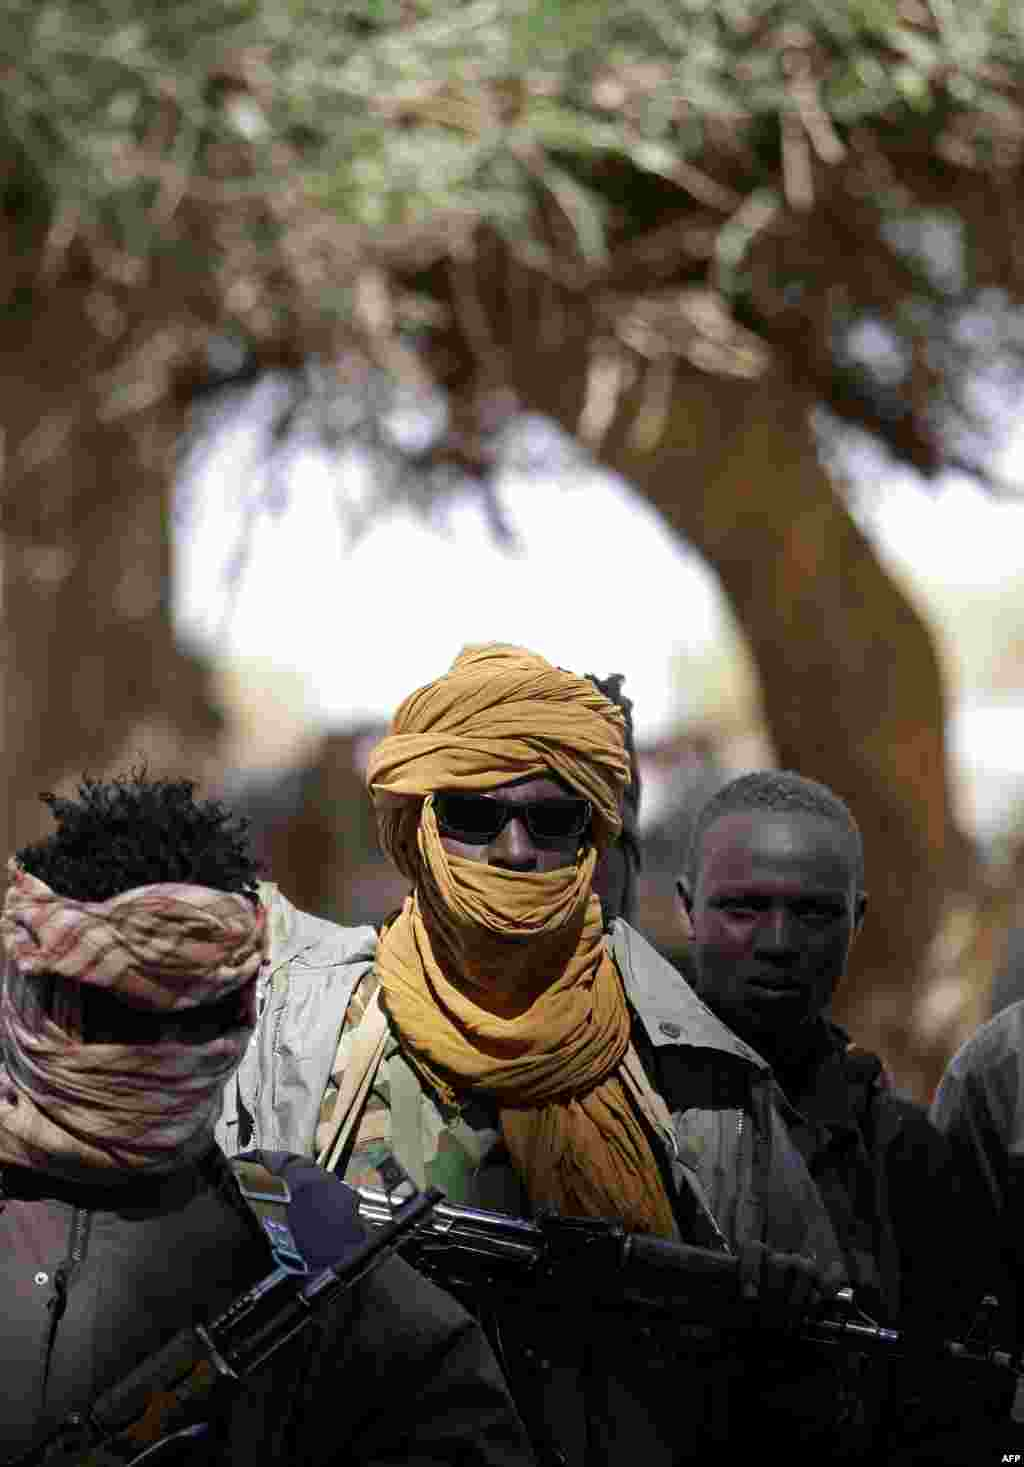 """С 2003 года по сегодняшний день в суданском регионе Дарфур идет межэтнический конфликт между разрозненными военными группировками и центральным правительством. ЮНАМИД, совместная миротворческая миссия Африканского союза и ООН, призвана установить мир в регионе. Но конвои миссии регулярно подвергаются нападениями грабежу со стороны группировок, которые либо продают оружие на черном рынке, либо оставляют его себе На фото – бойцы """"Объединенного фронта противостояния"""" в Судане во время встречи между военными и политическими лидерами группировок, представителями Африканского союза и ООН. Январь 2008 года"""